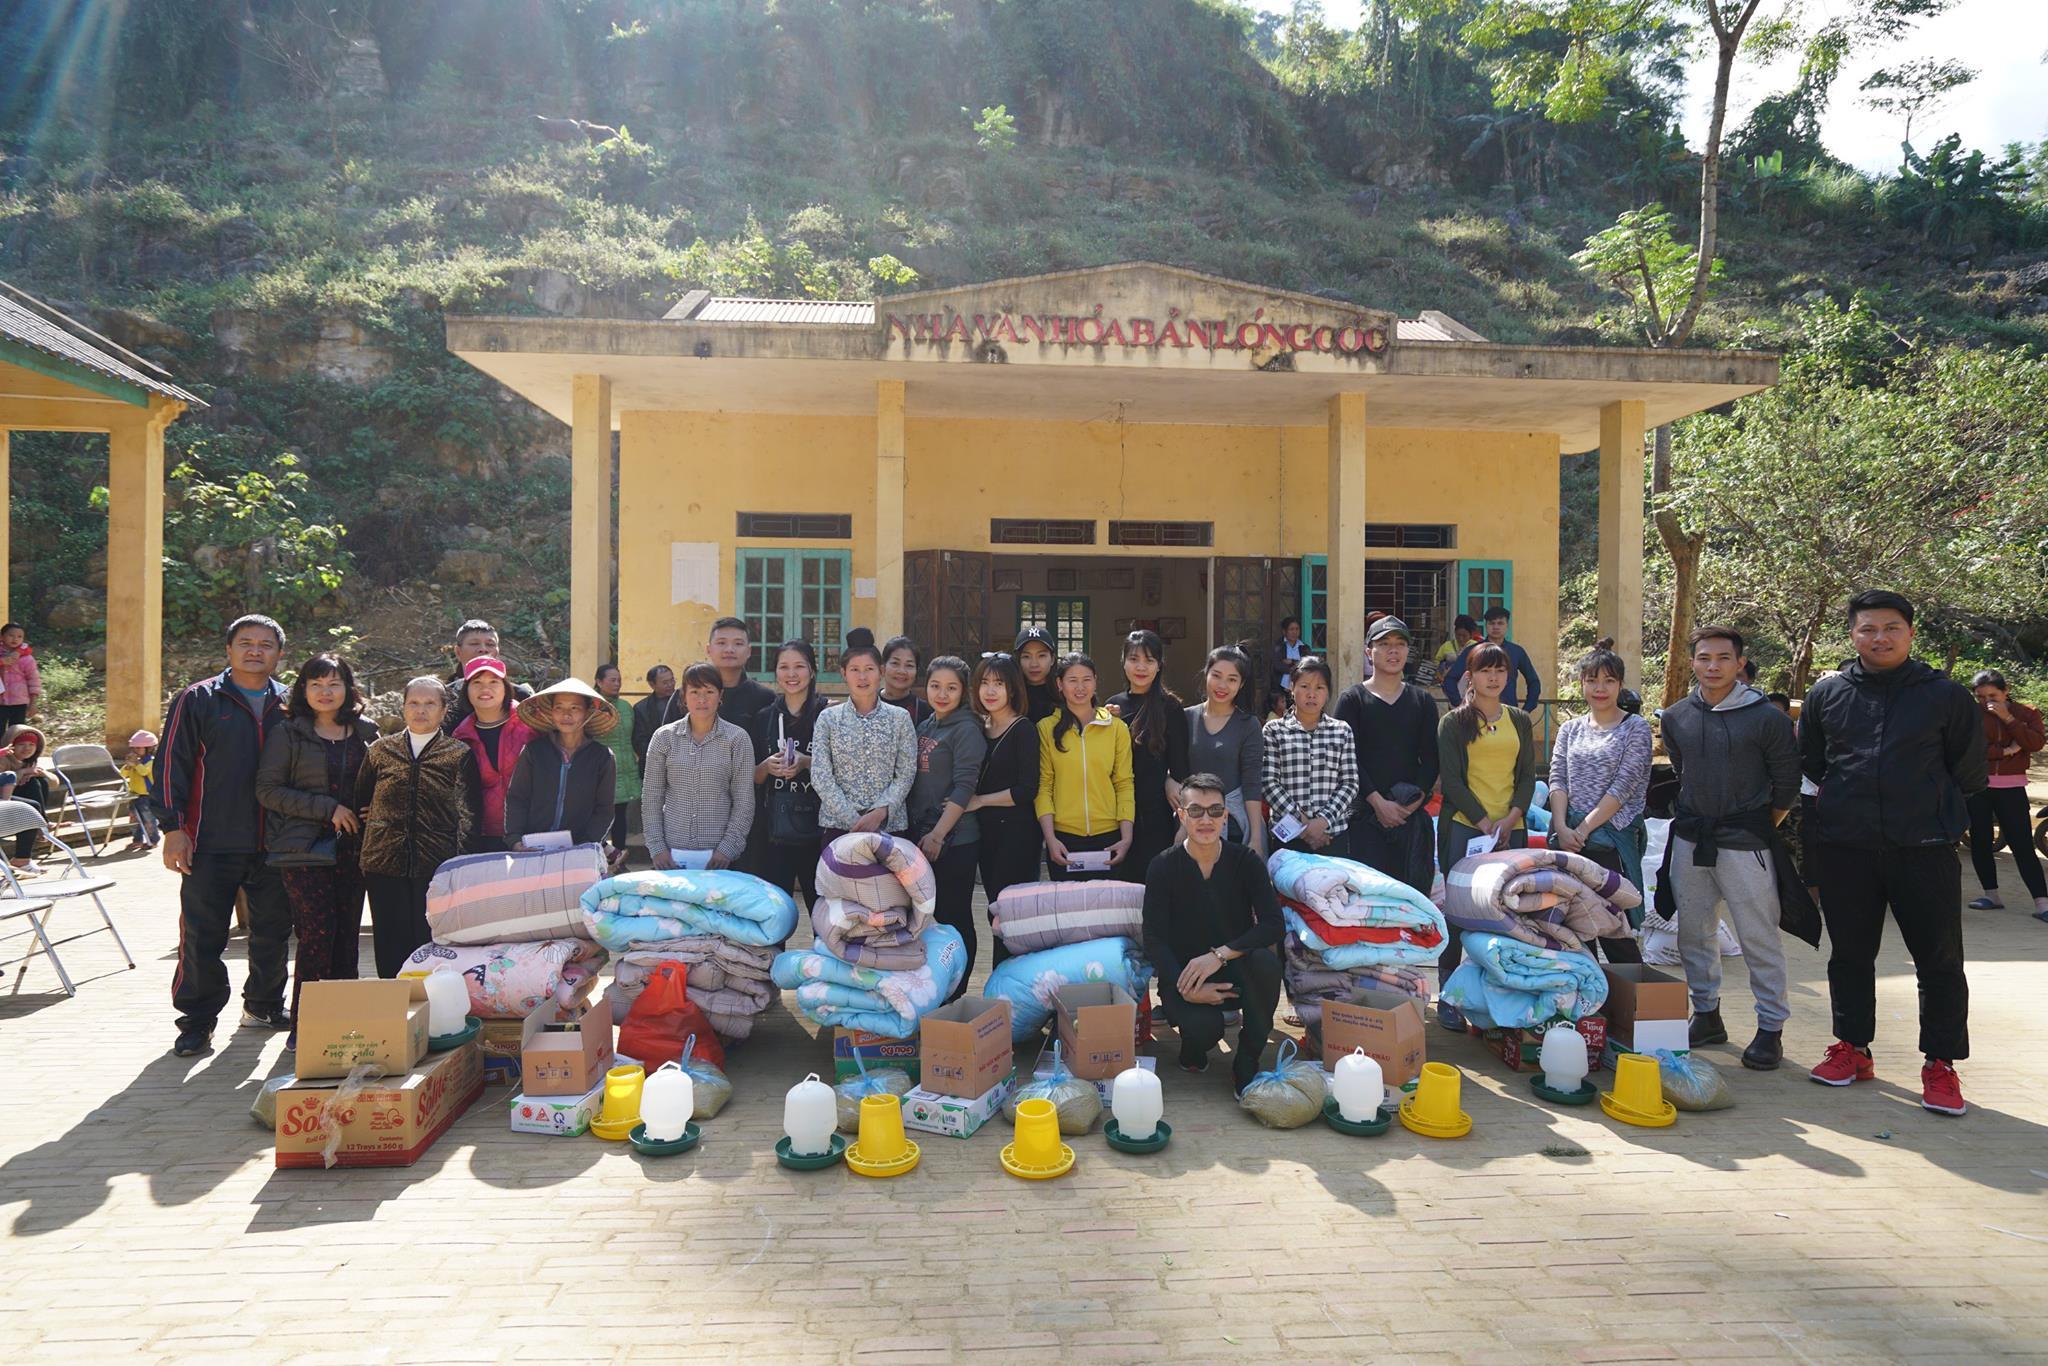 Nghĩa cử cao đẹp của nhóm du học sinh Úc quyên góp từ thiện giúp trẻ em vùng cao Vietnam 6 - Nghĩa cử cao đẹp của nhóm du học sinh Úc quyên góp từ thiện giúp trẻ em vùng cao Vietnam